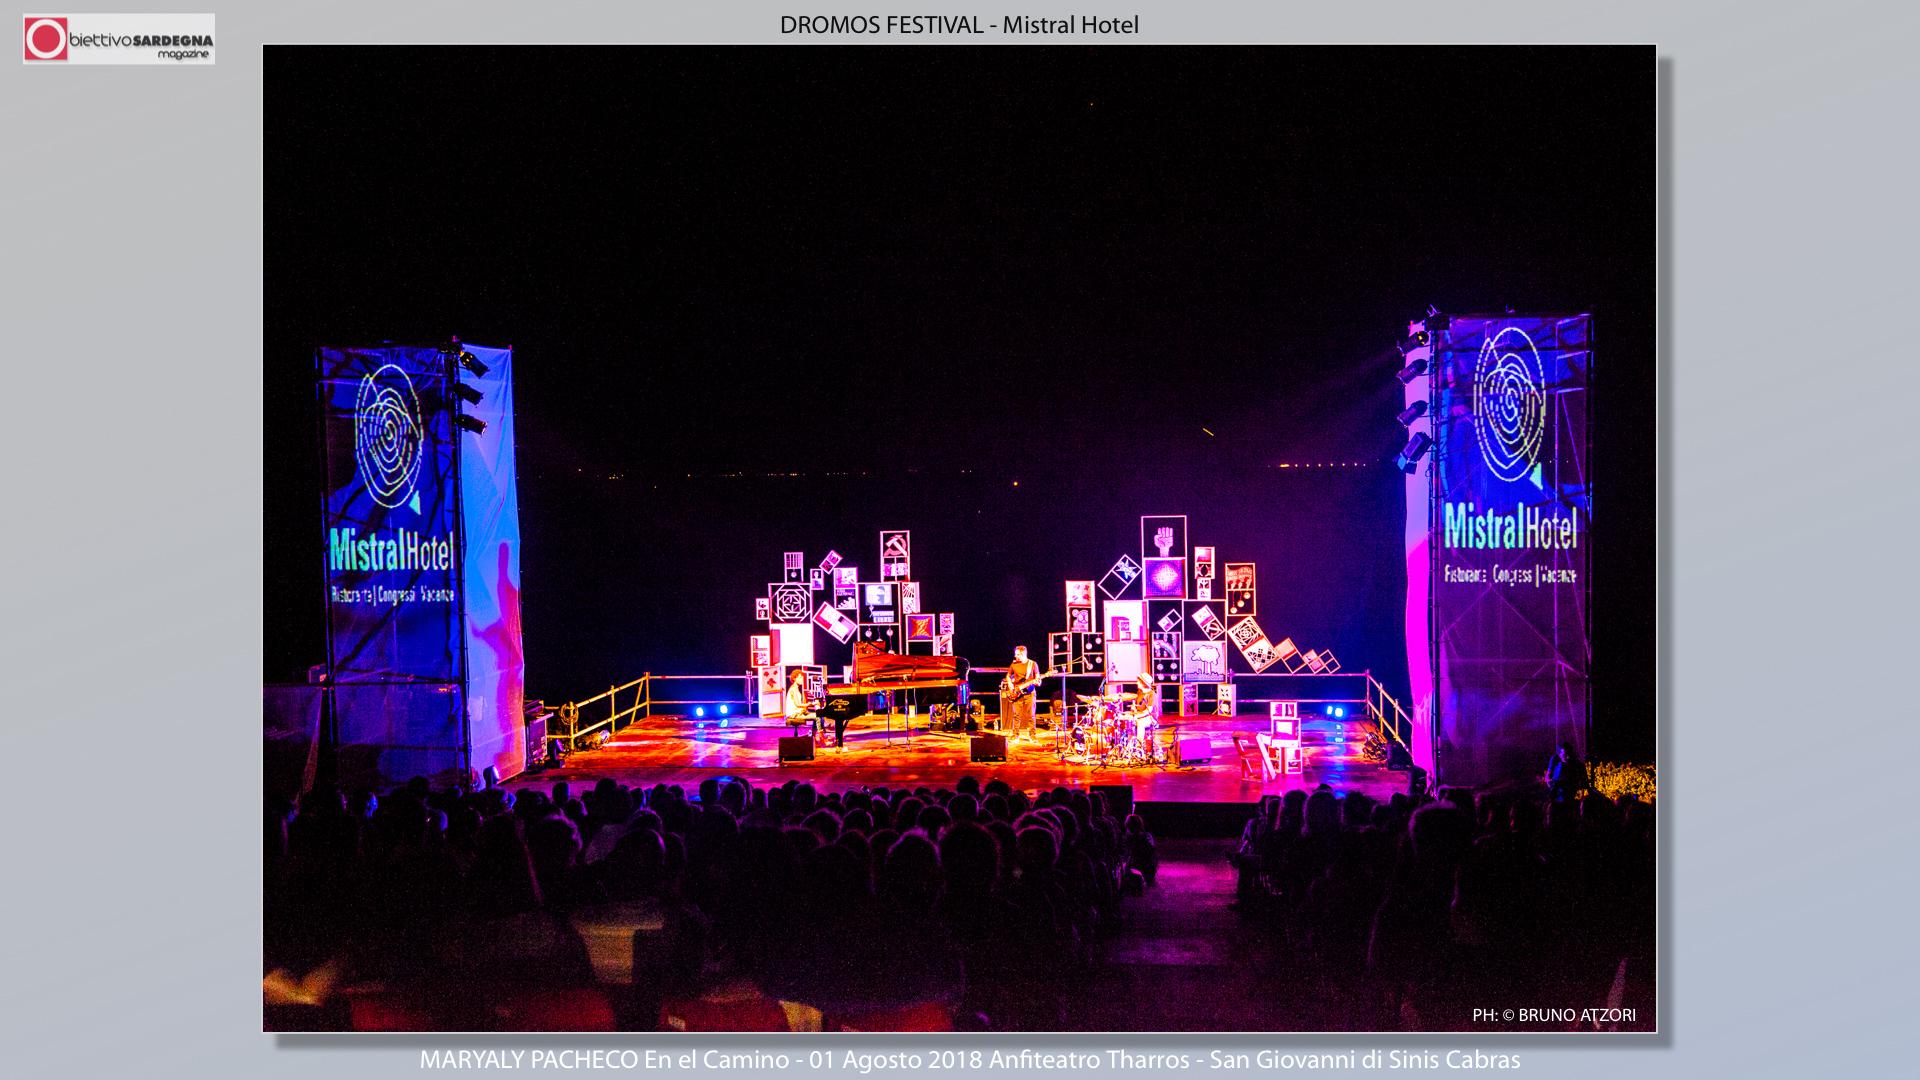 Dromos Festival - Marialy Pacheco En el camino